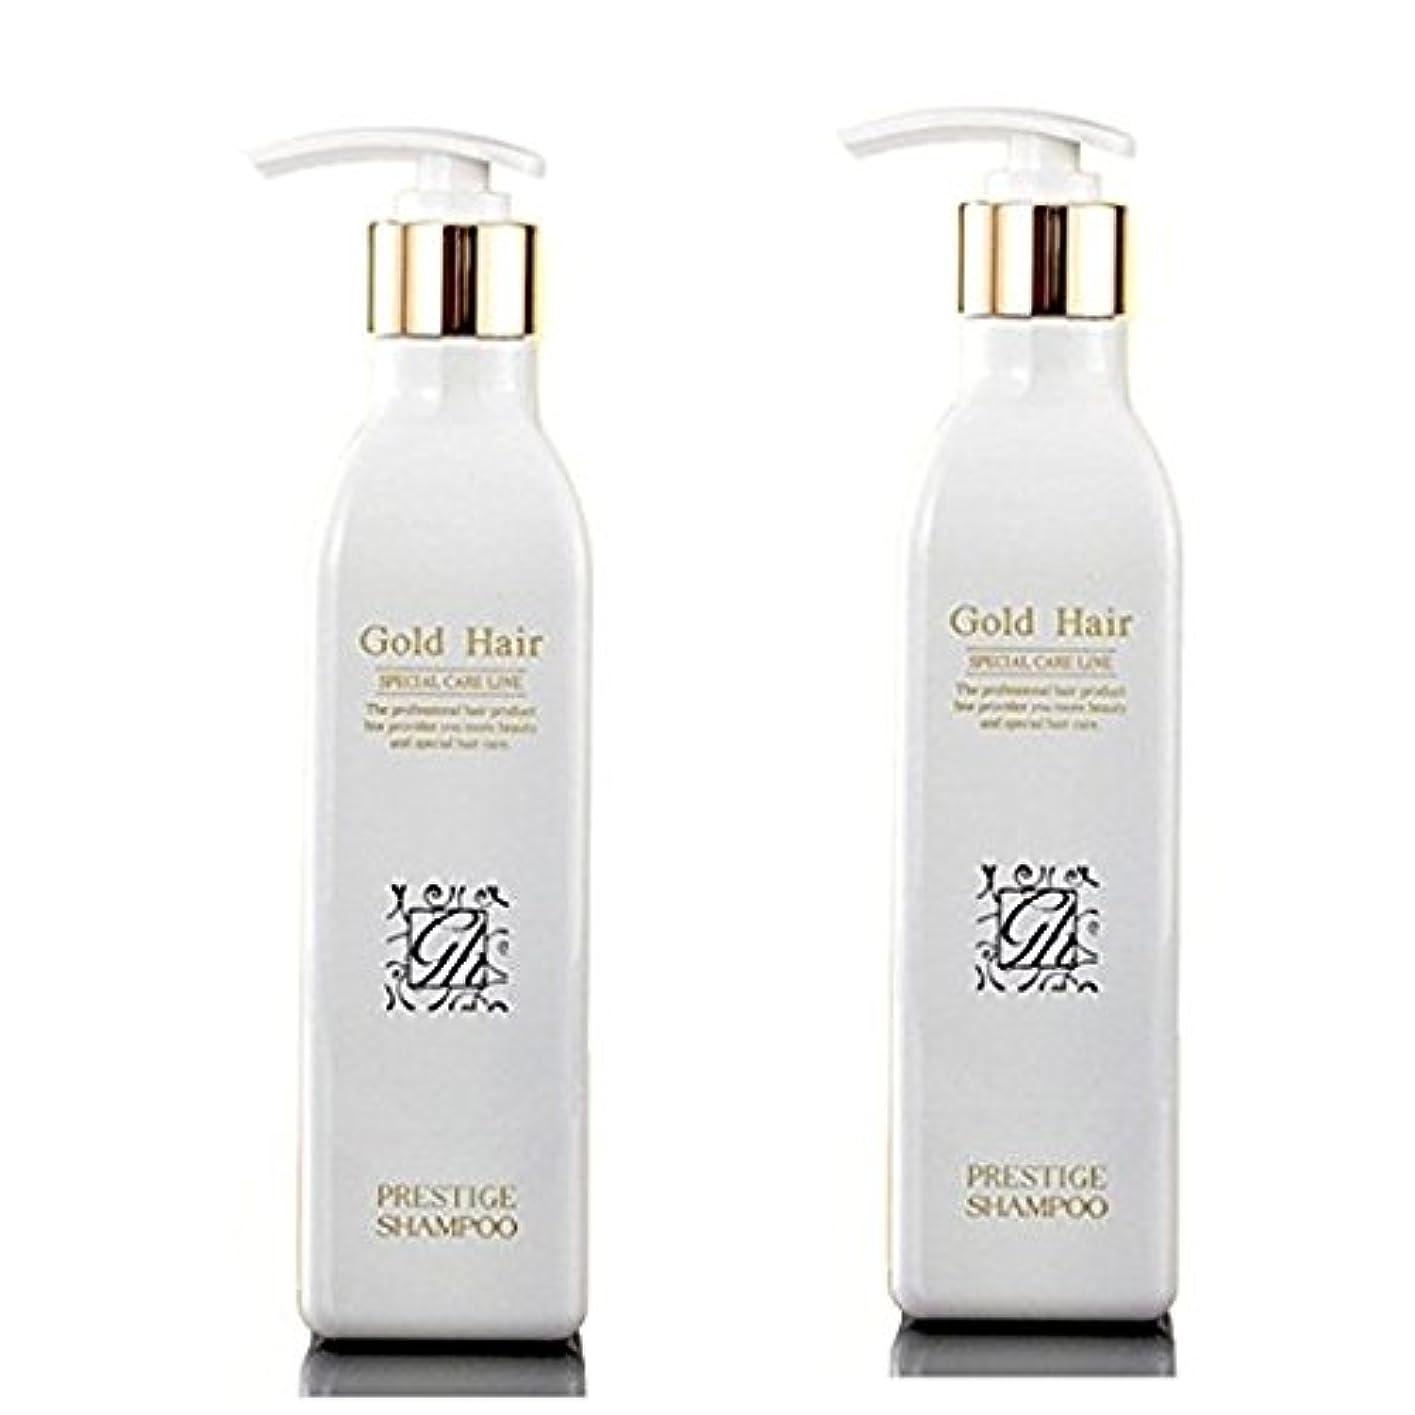 しょっぱい晩ごはんあらゆる種類のゴールドヘア 育毛ケア シャンプー 漢方 シャンプー 抜け毛ケア ヘアケアシャンプー2本/Herbal Hair Loss Fast Regrowth Gold Hair Loss Shampoo[海外直送品] (2本セット...